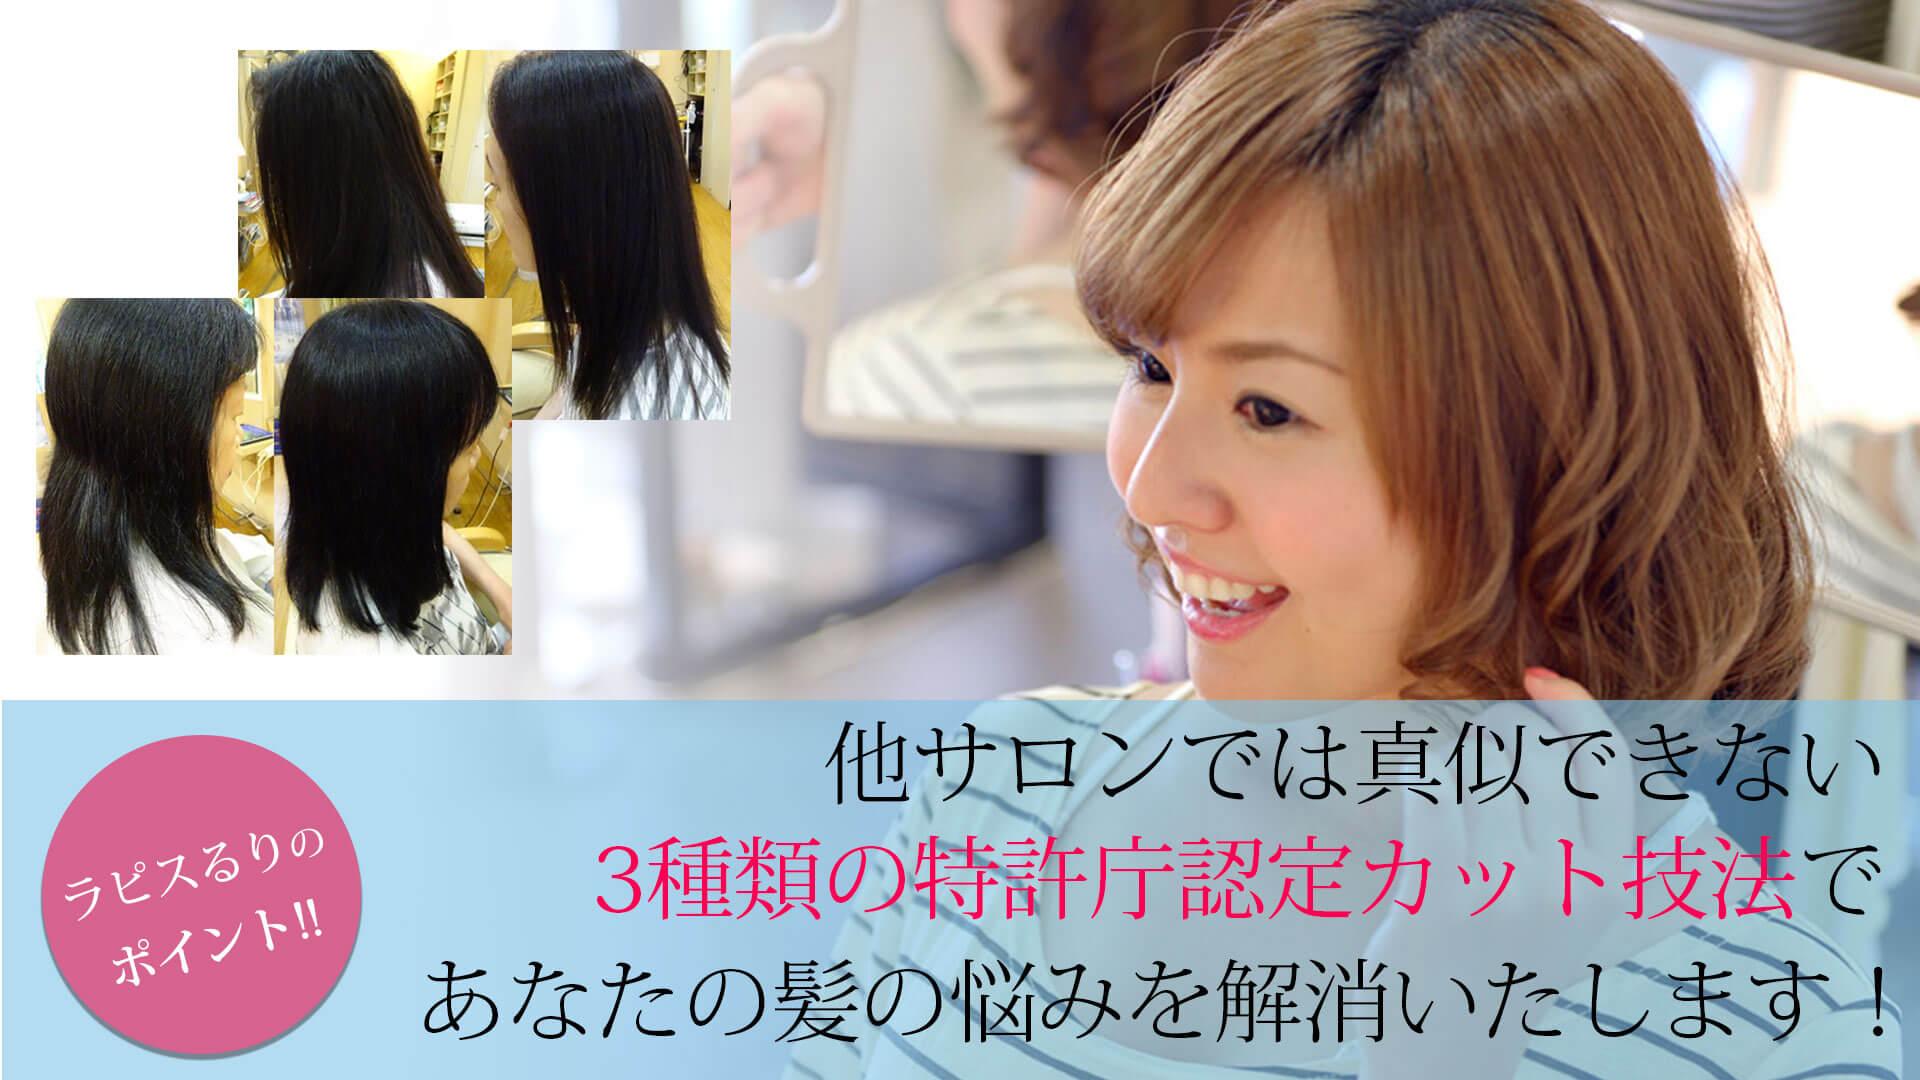 町屋の美容院「ラピスるり」 他サロンでは真似できない3種類の特許庁認定カット技法であなたの髪の悩みを解決いたします